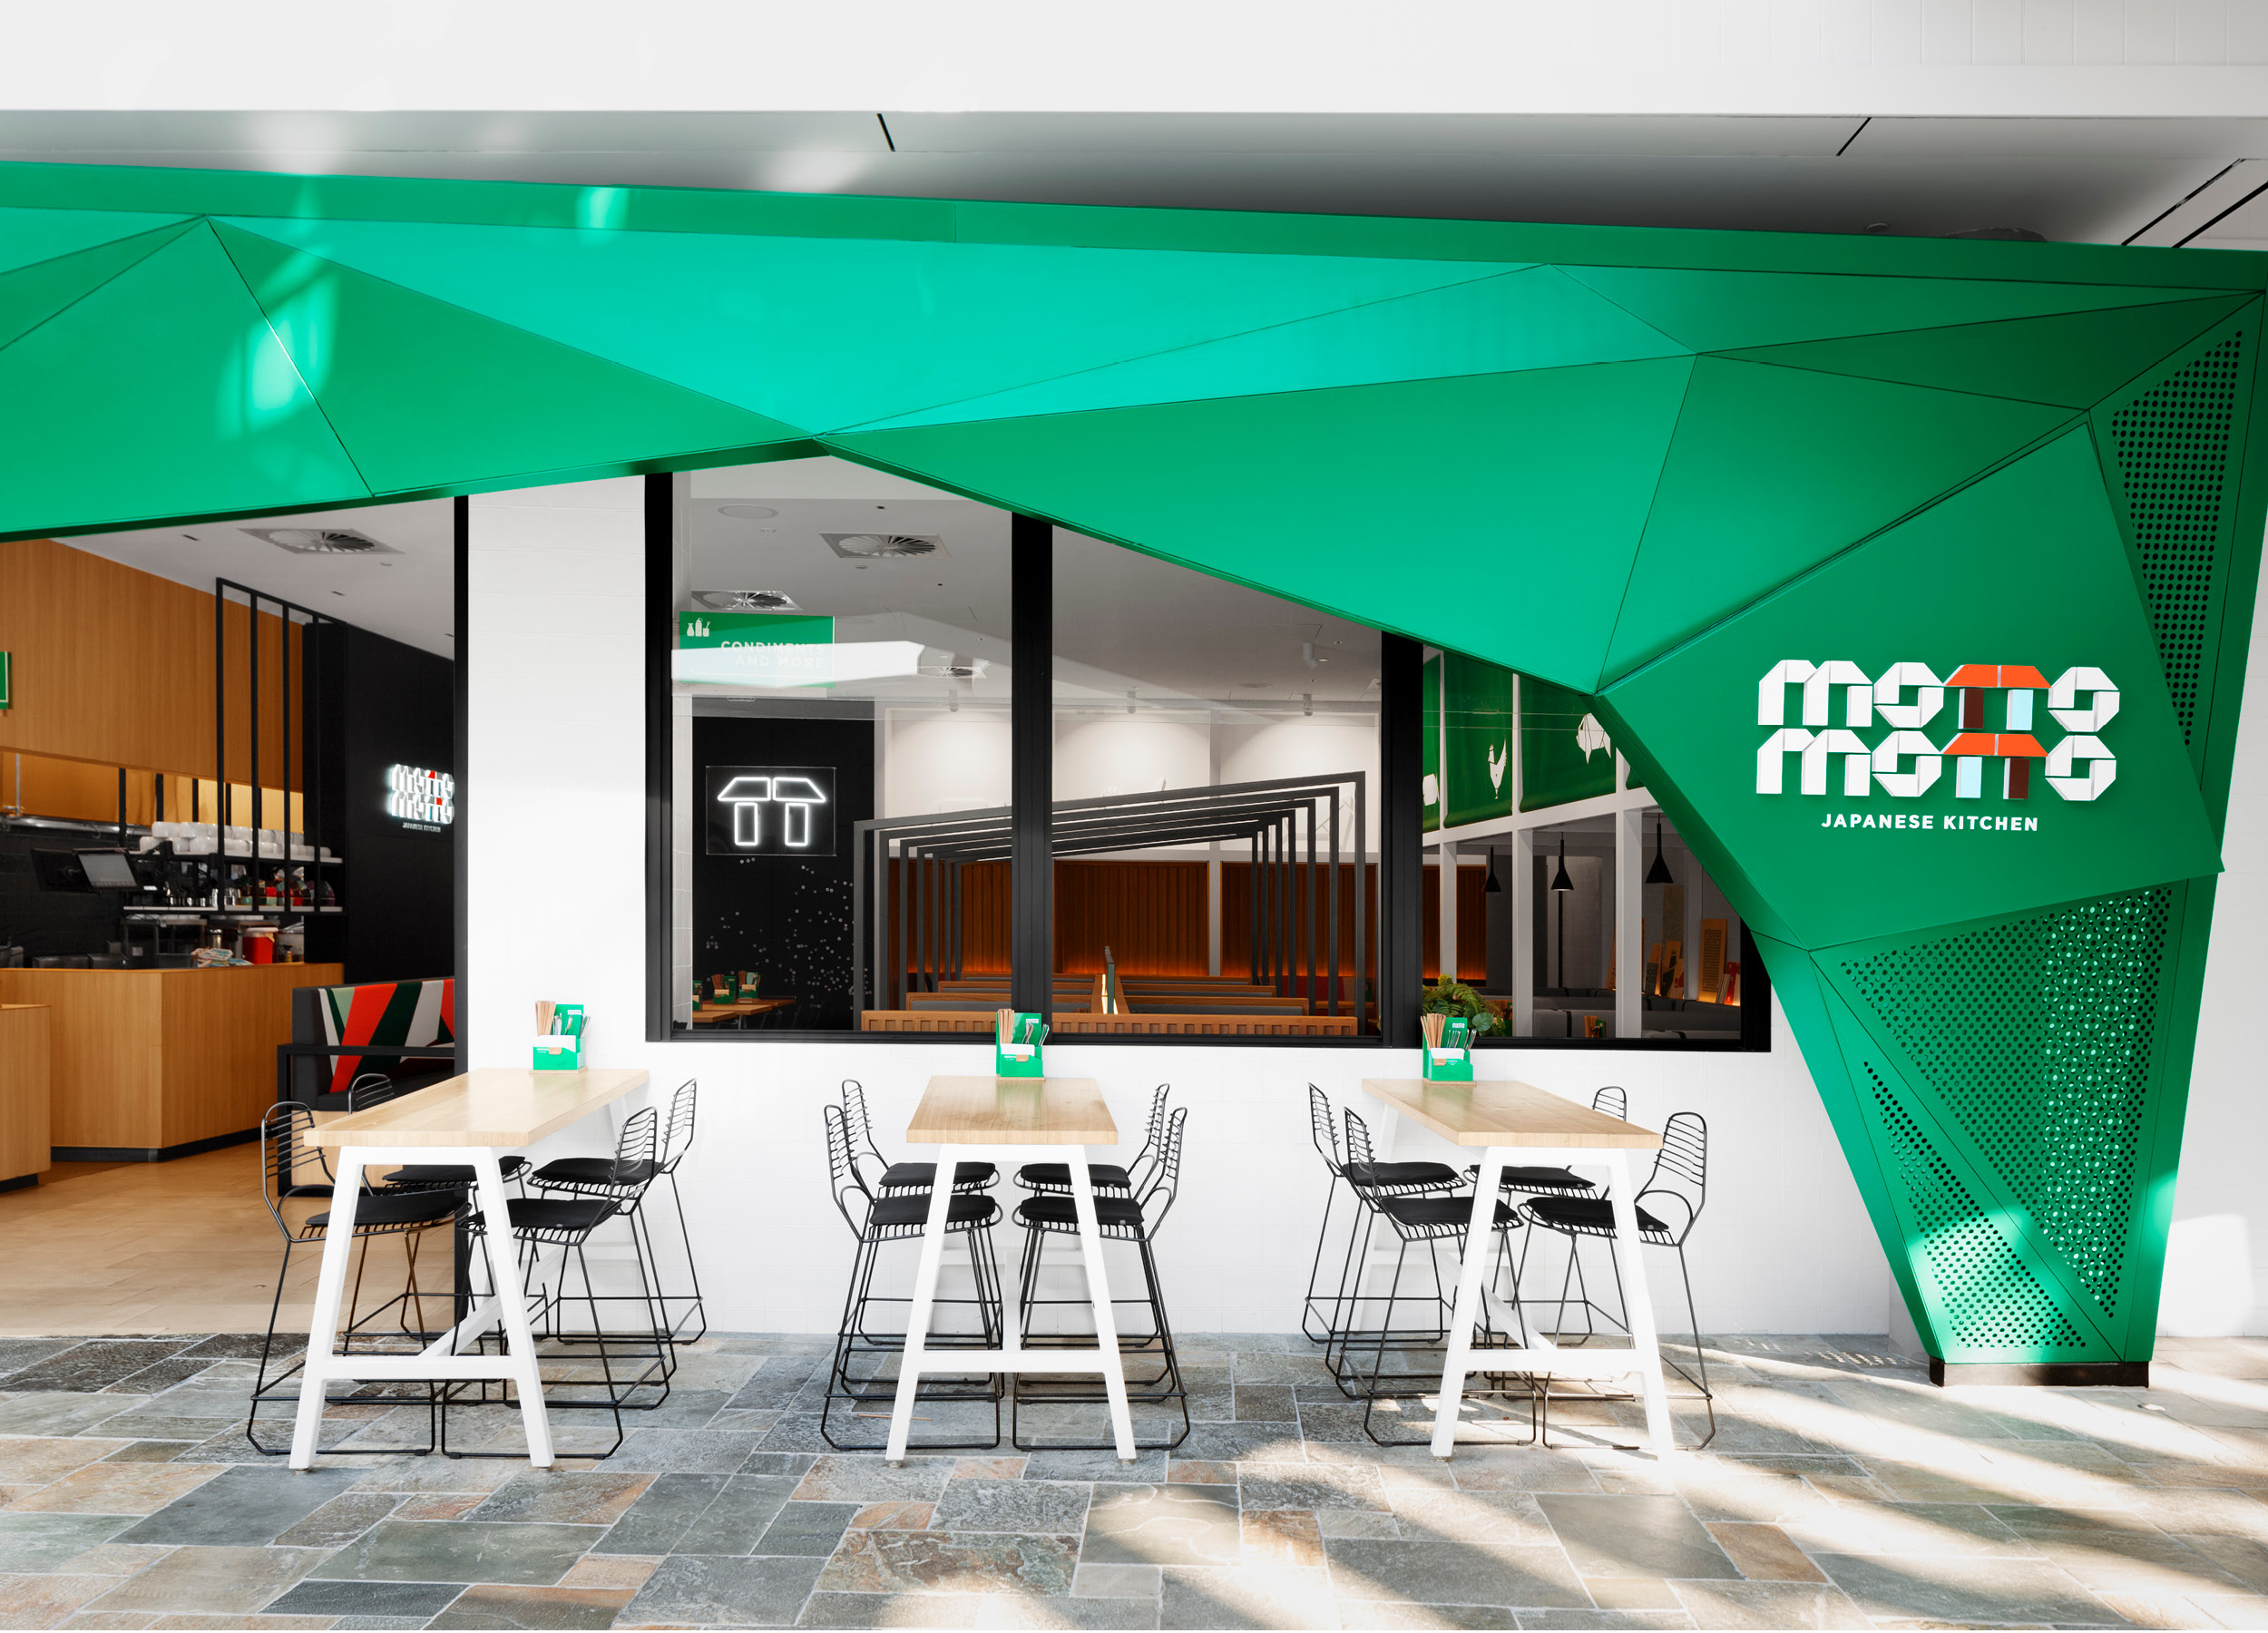 MOT136_Website_Images6.jpg